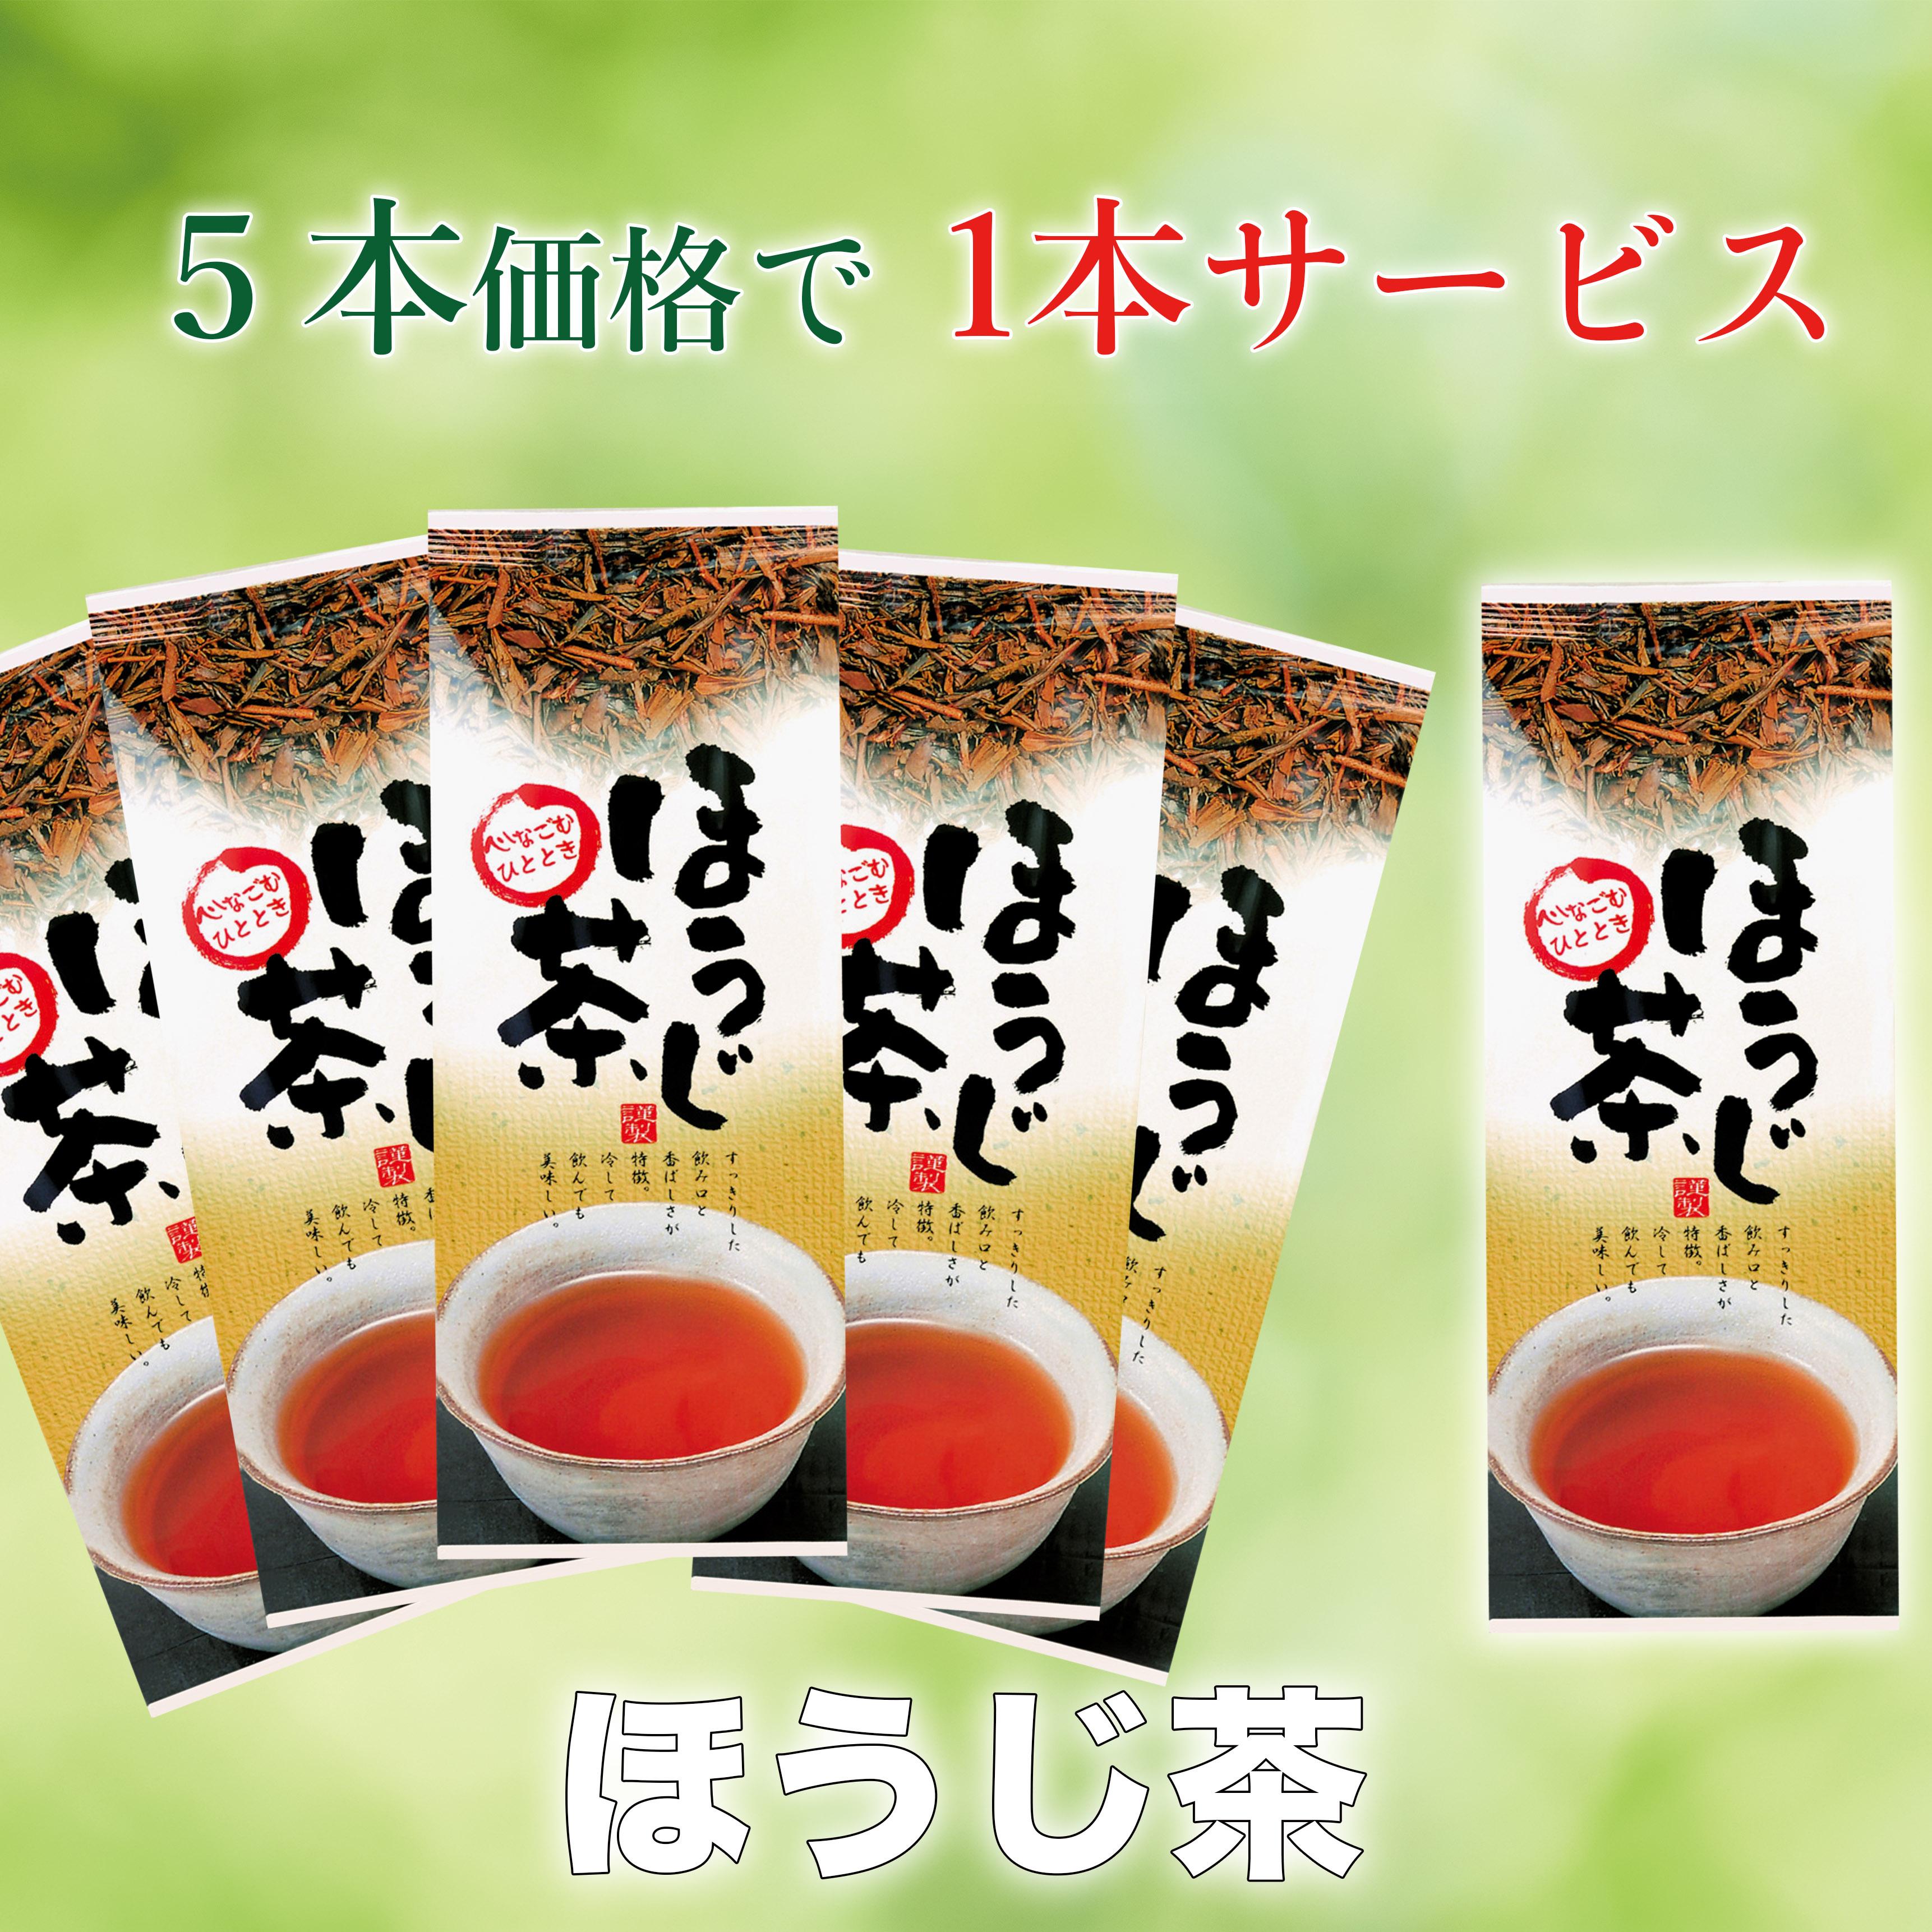 ほうじ茶6本パック(200g袋×5本+1本)